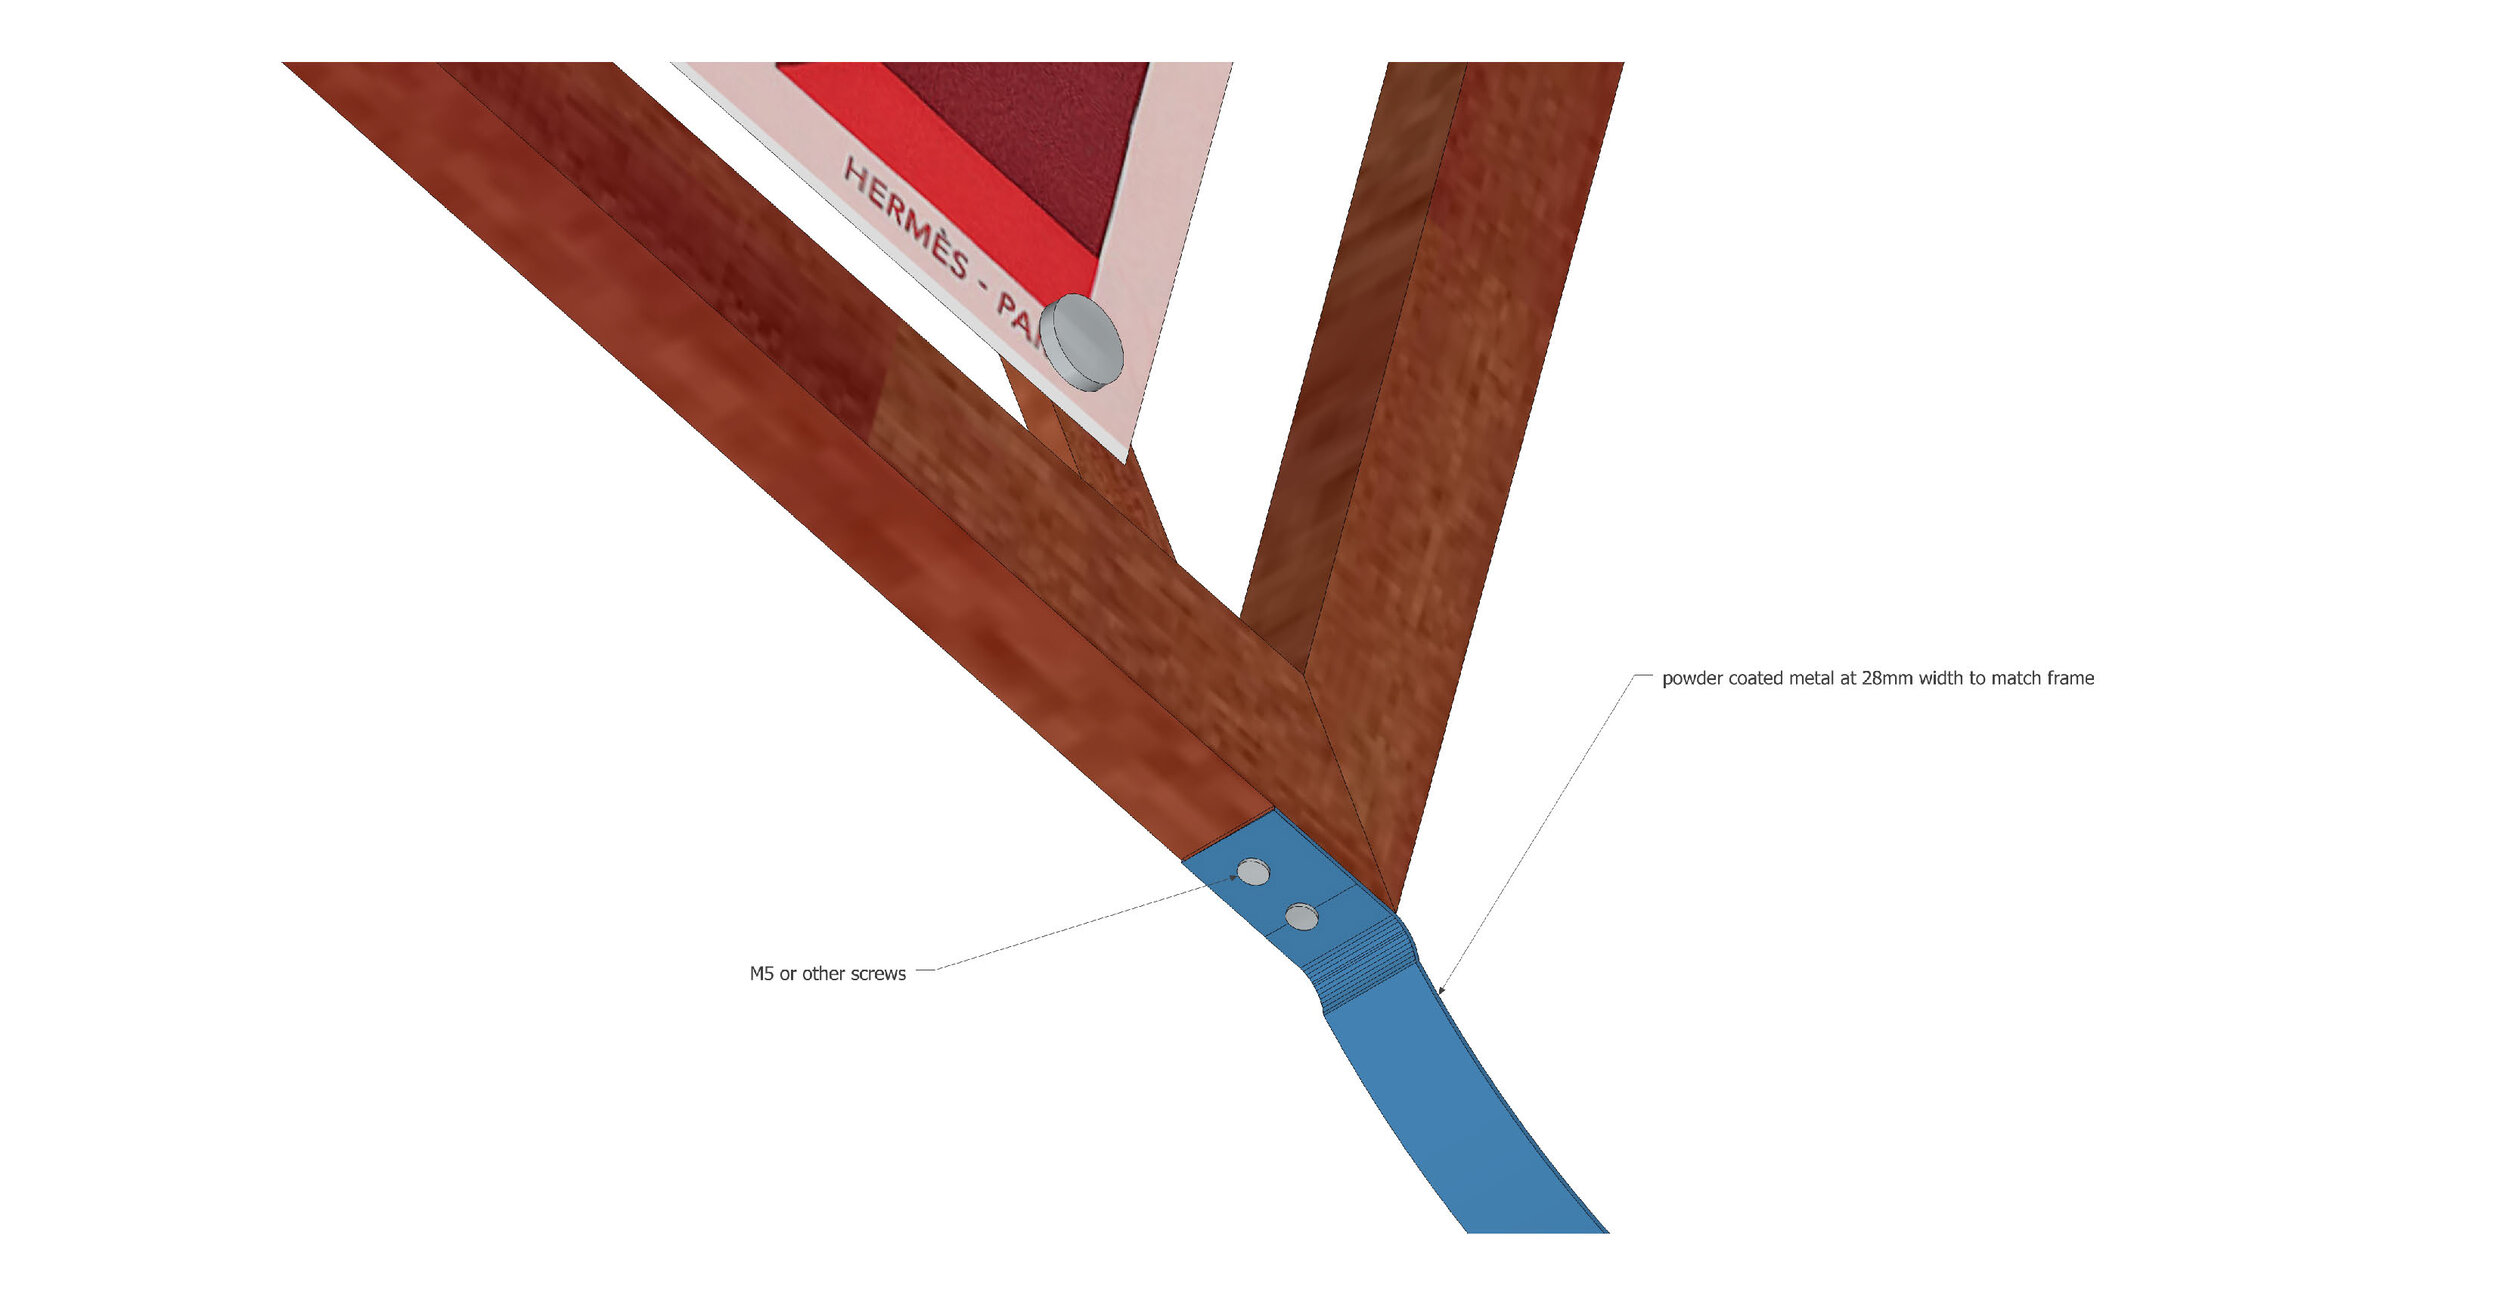 Hermès_Dimensions_Window 1_Revised_Page_10.jpg